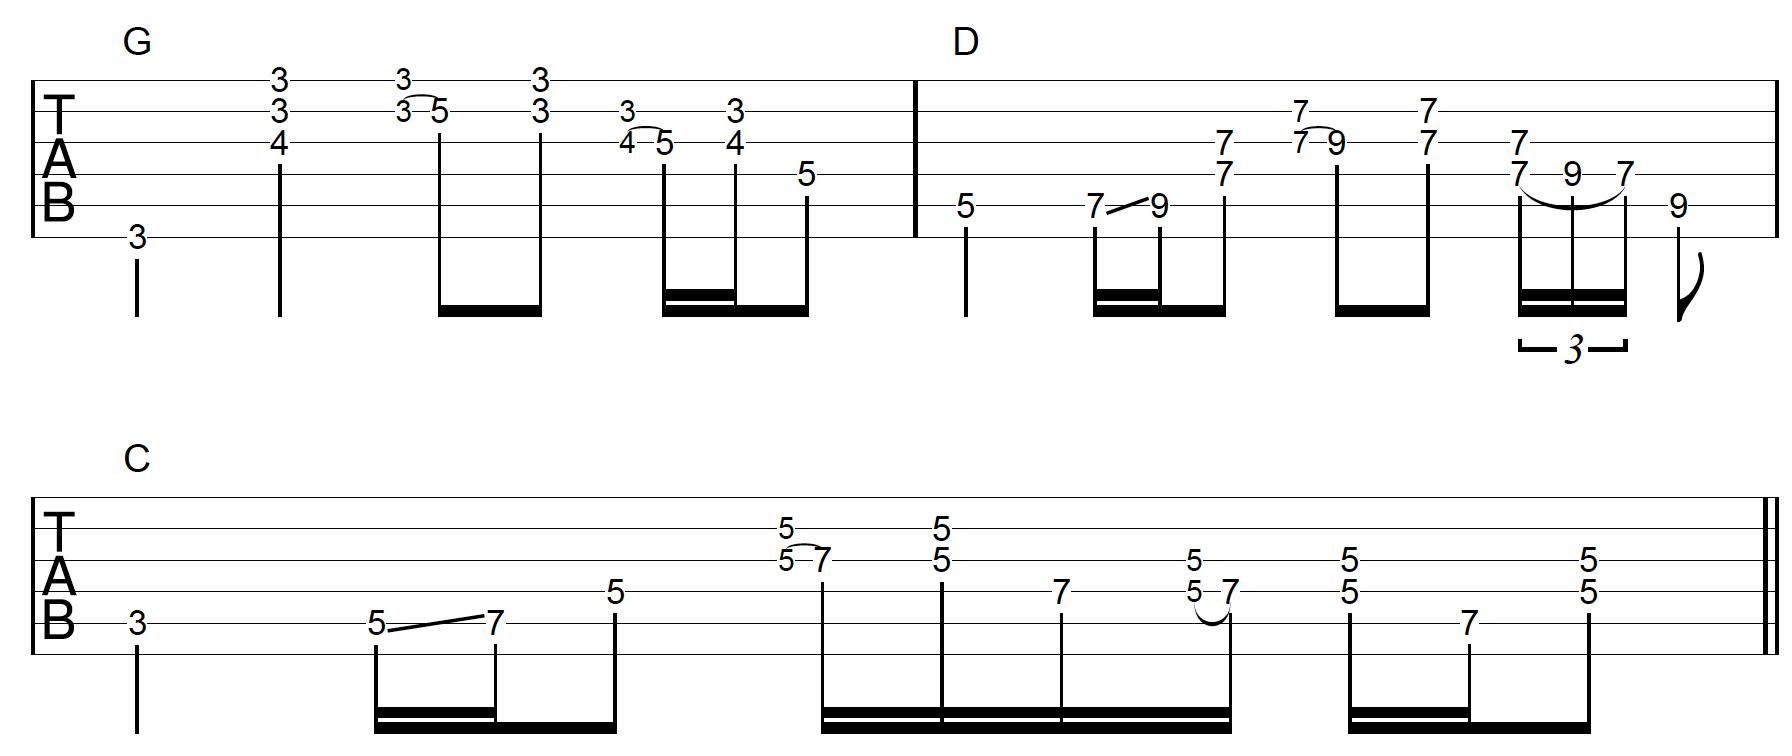 Rhythm Guitar Chord Fill Application 1